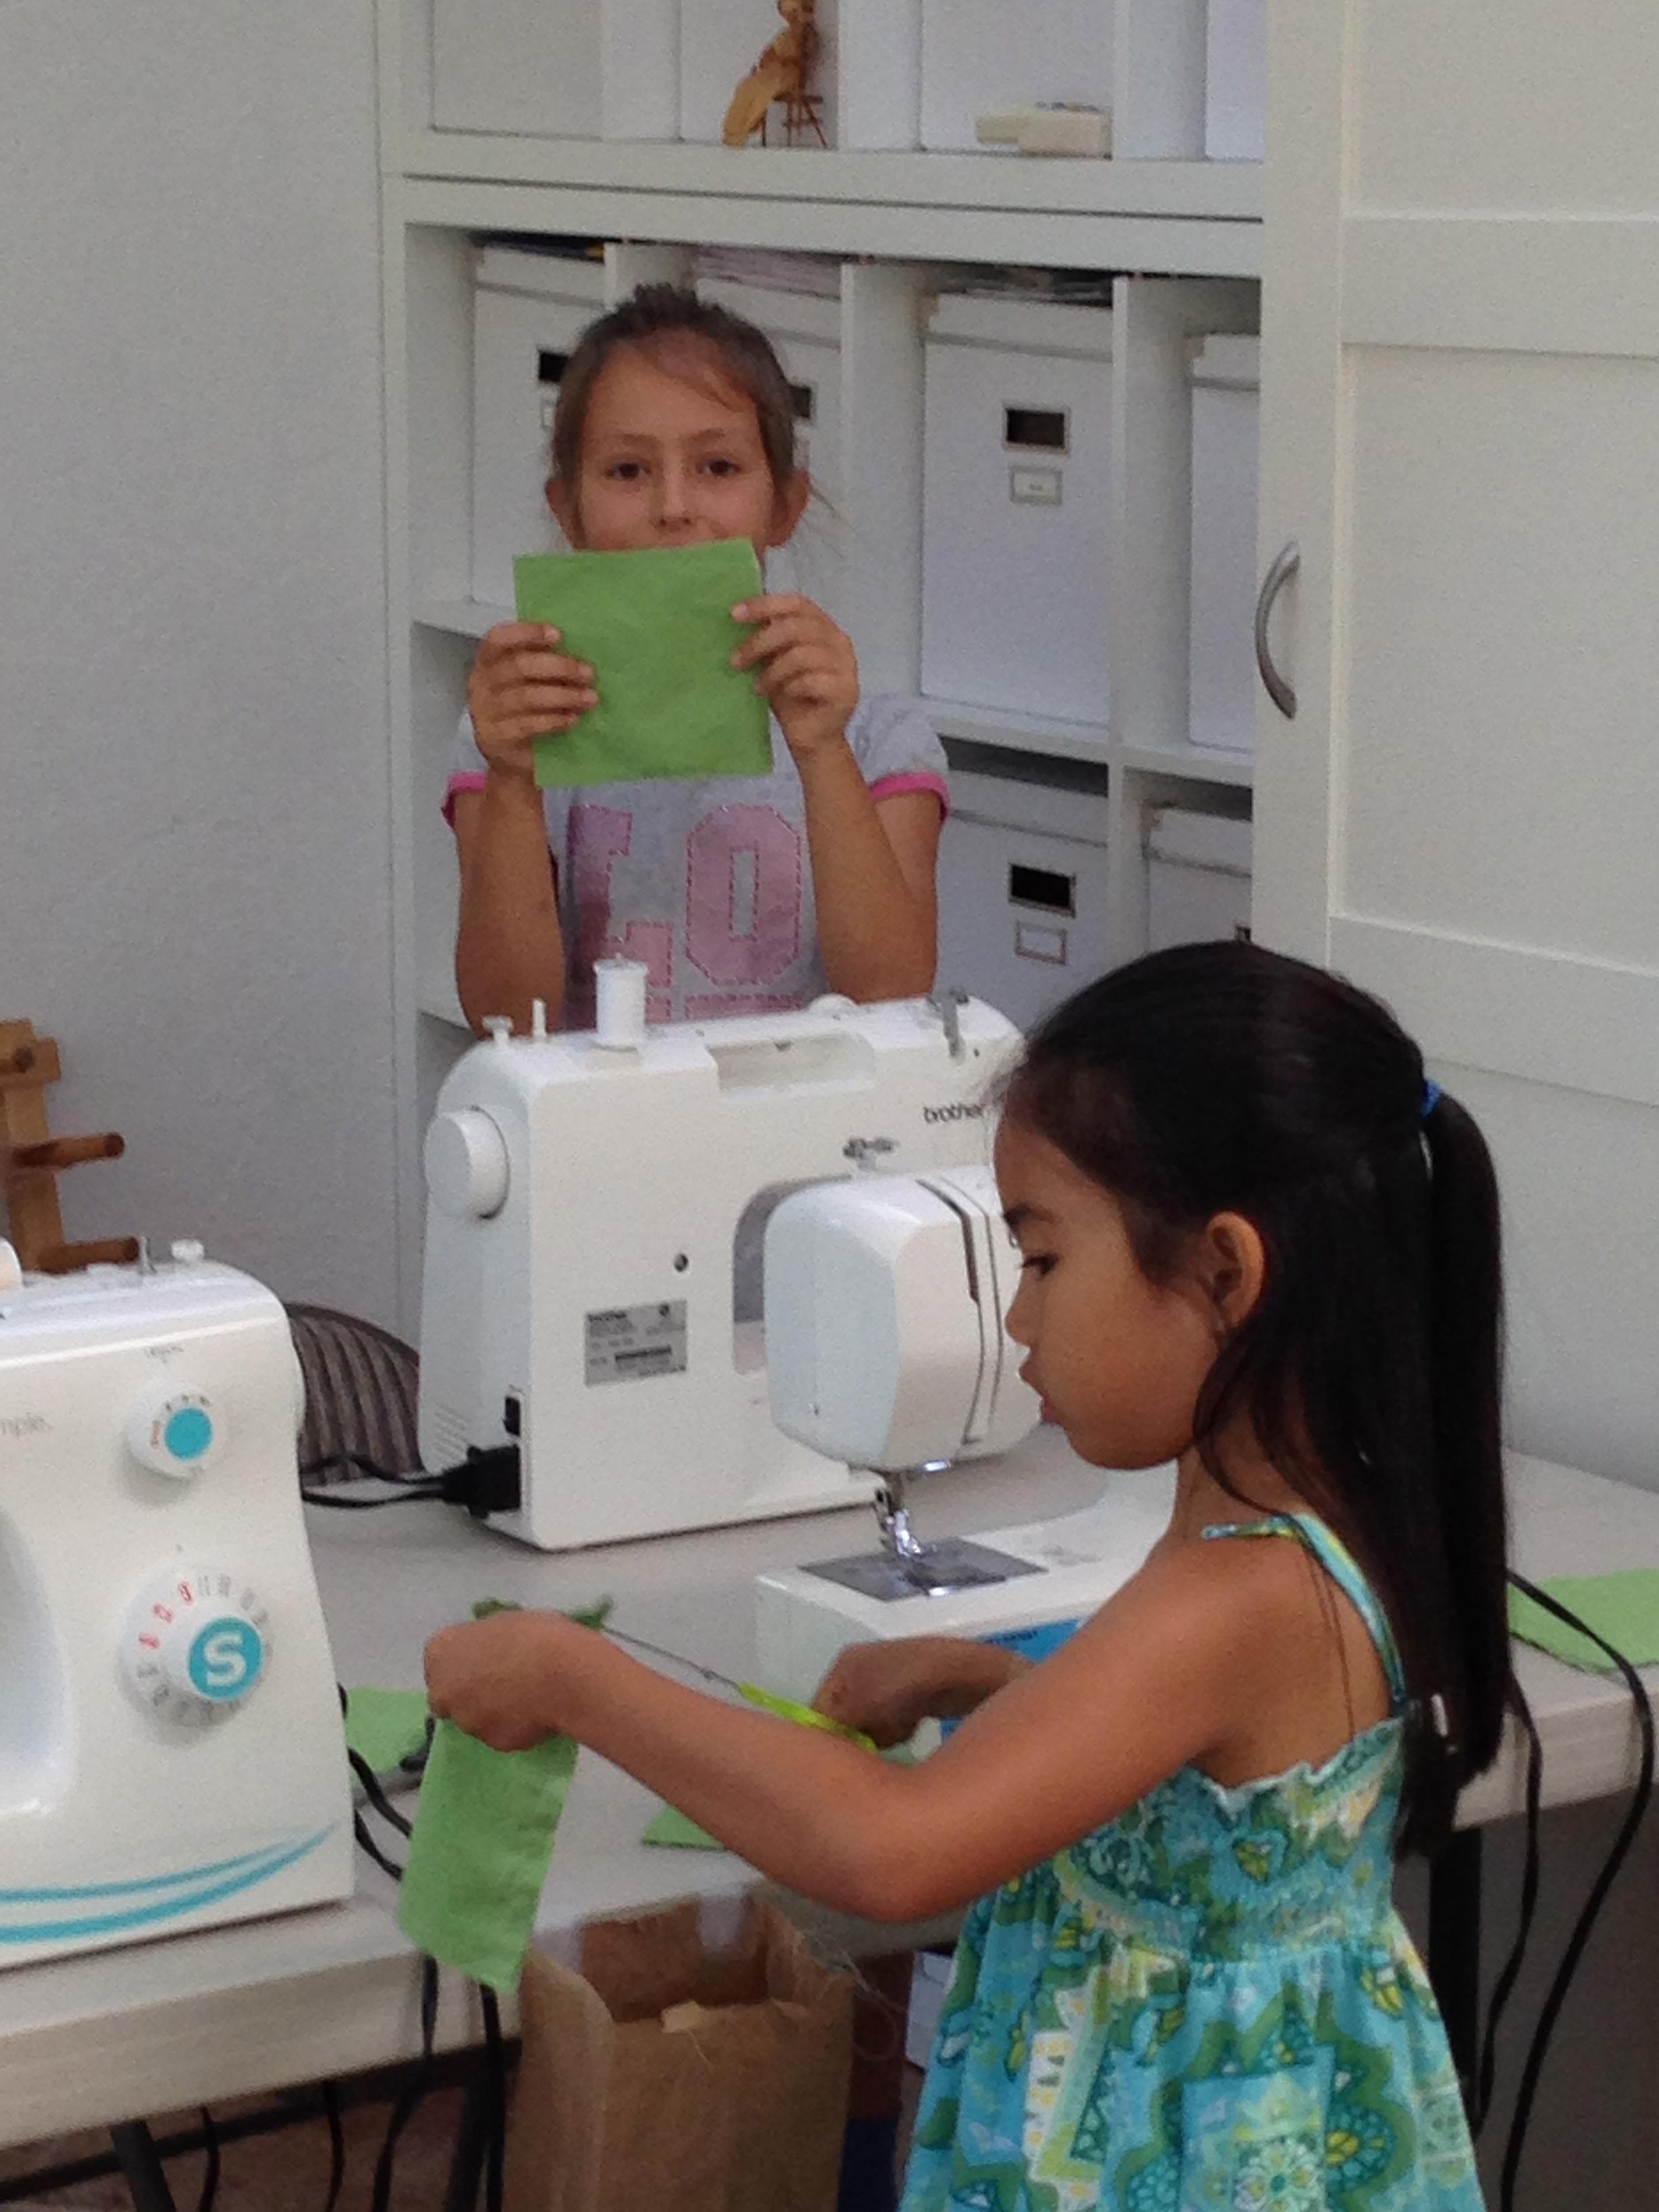 Beginning sewing.